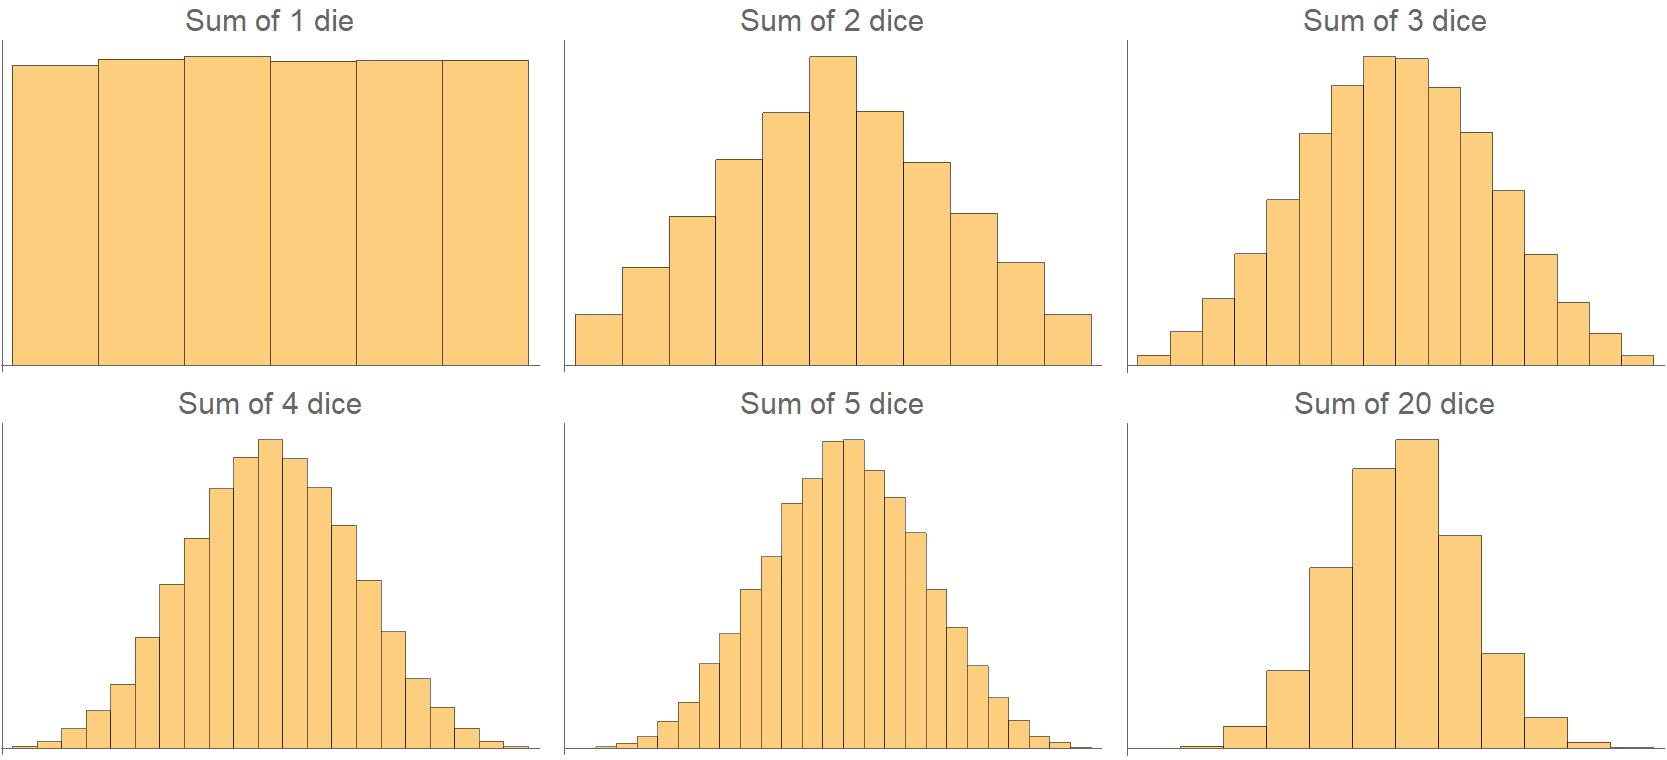 Sum of dice histogram